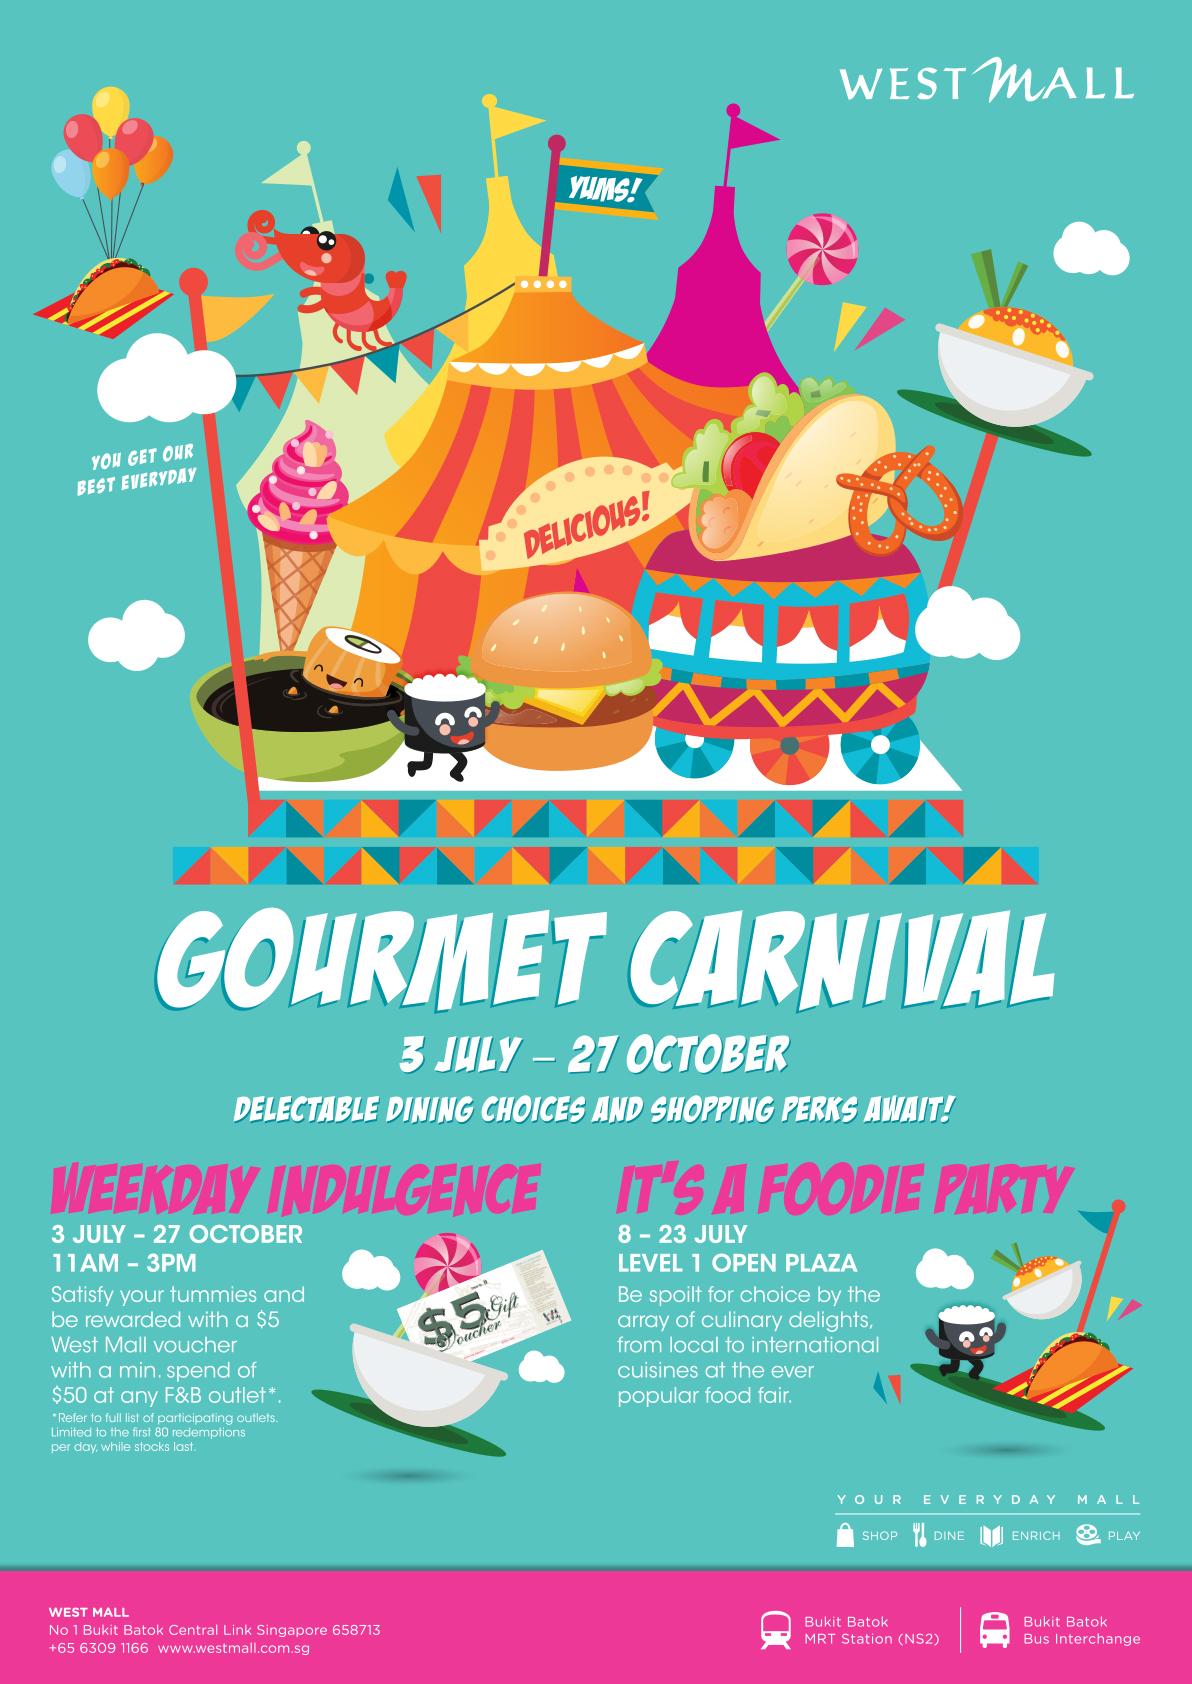 Gourmet Carnival